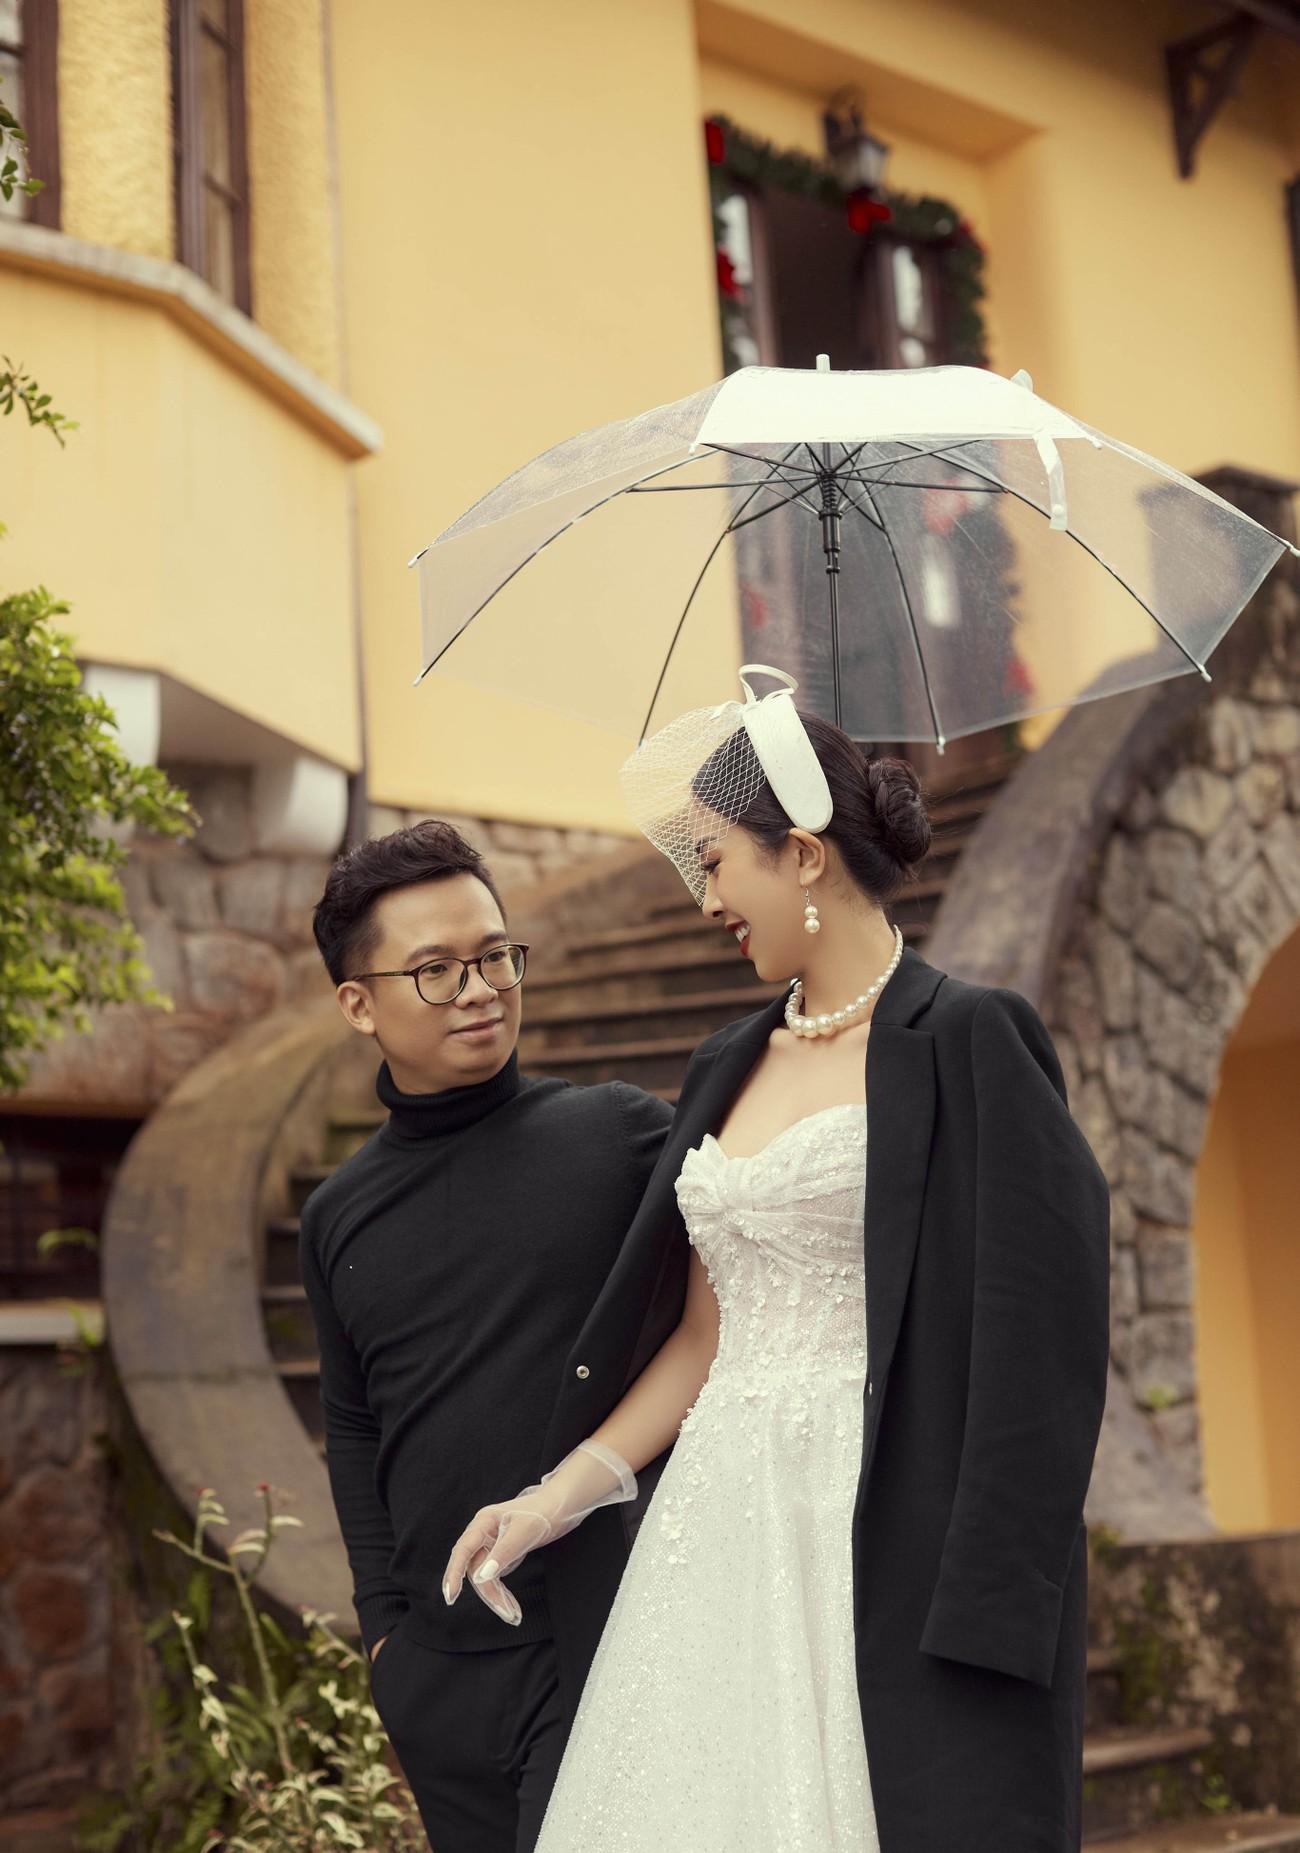 Á hậu Thúy An tiếp tục tung ảnh cưới 'tình bể bình' ở Đà Lạt trước thềm hôn lễ ảnh 9